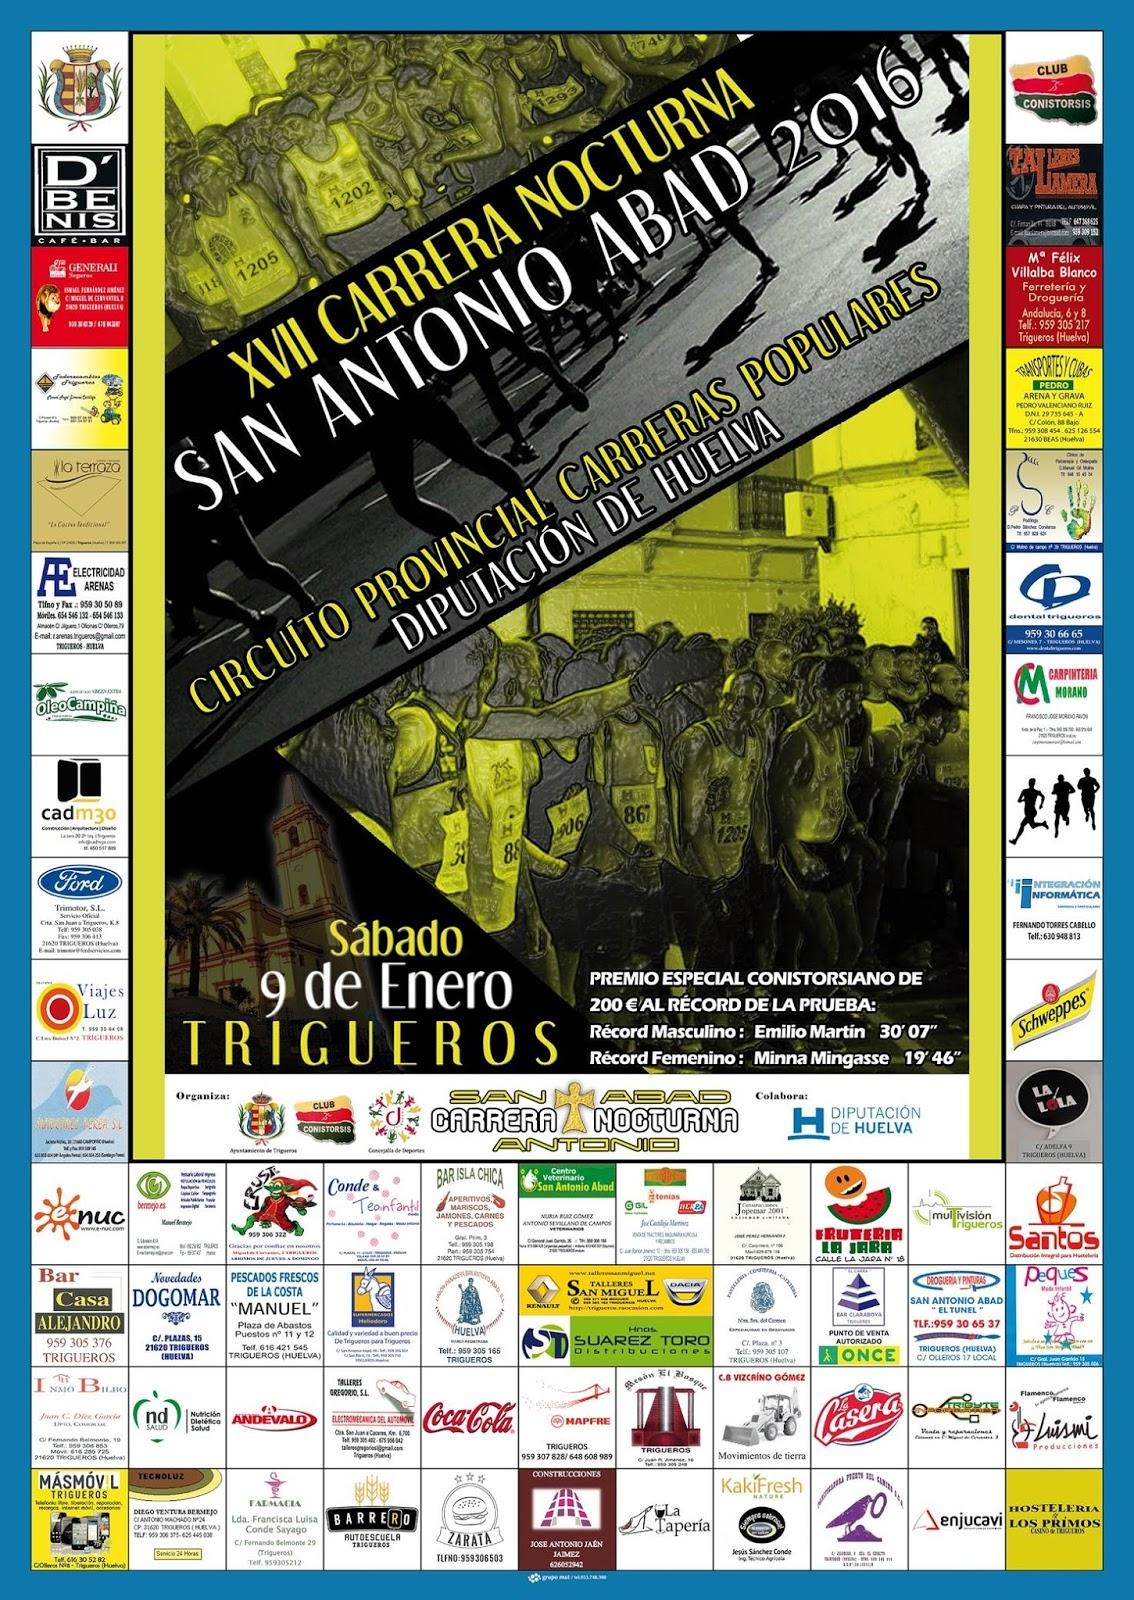 XVII Carrera Nocturna San Antonio Abad de Trigueros